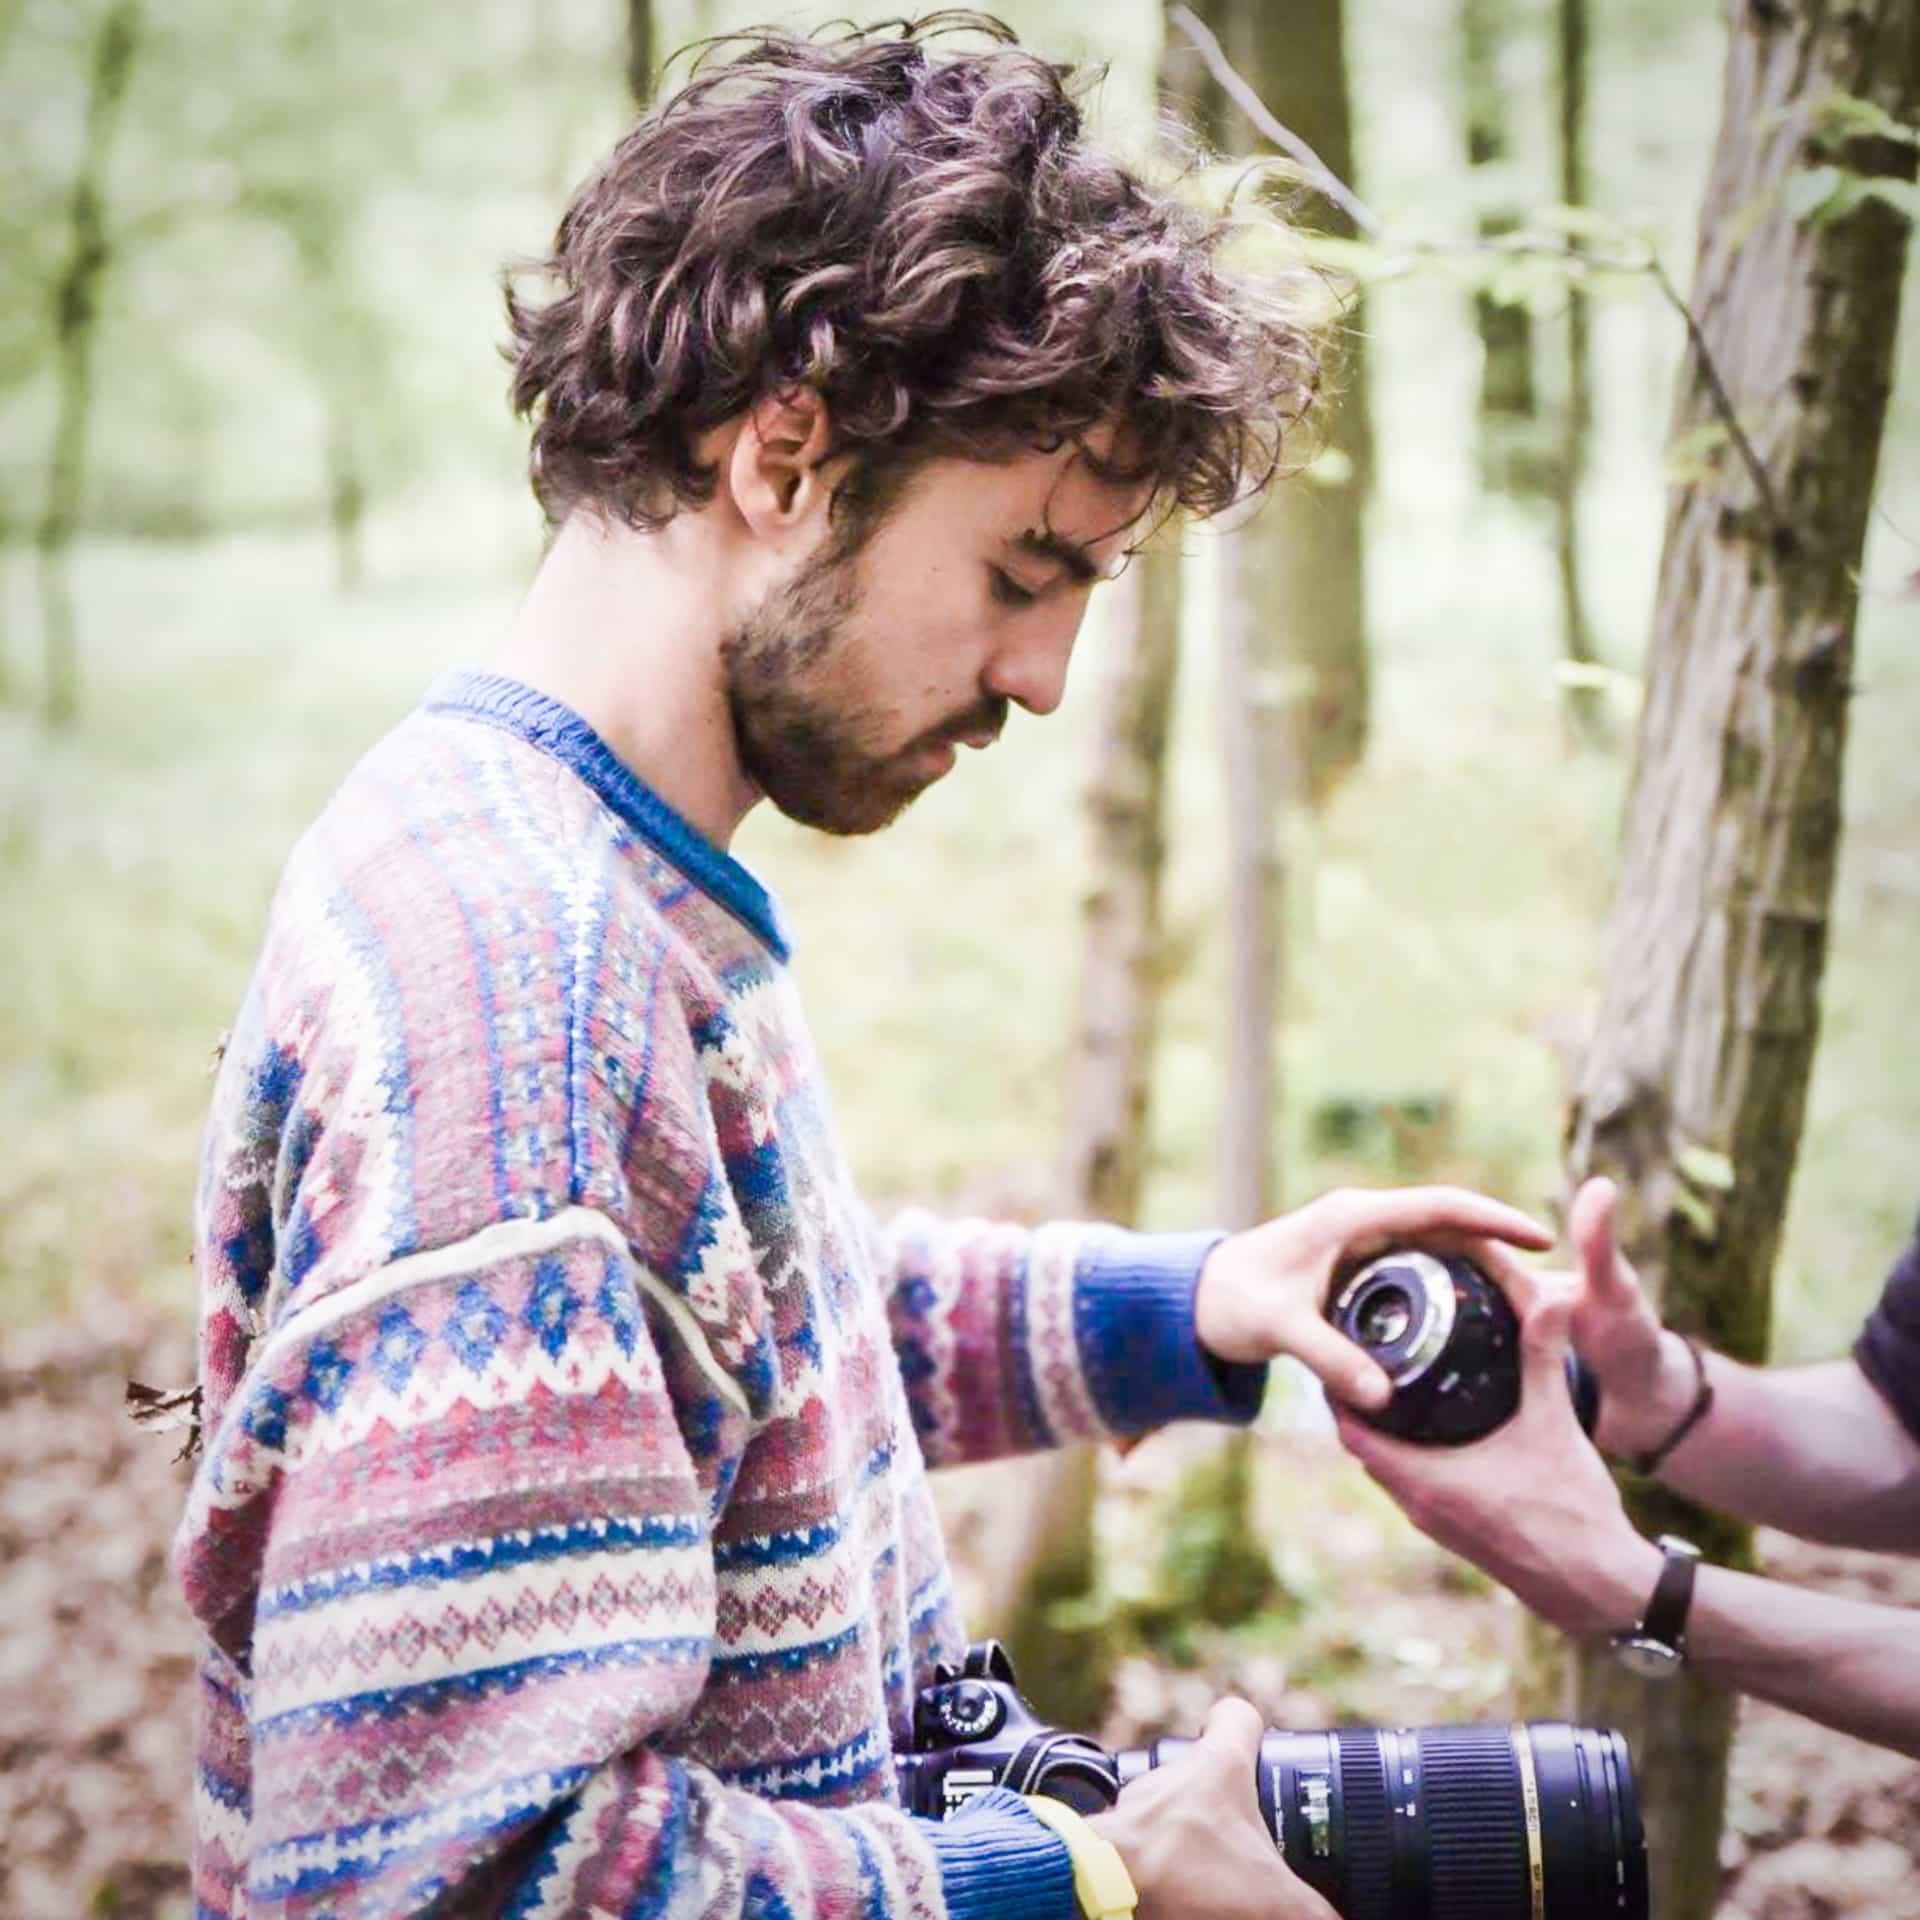 victor desmettre visuels cadreur photographe réalisateur